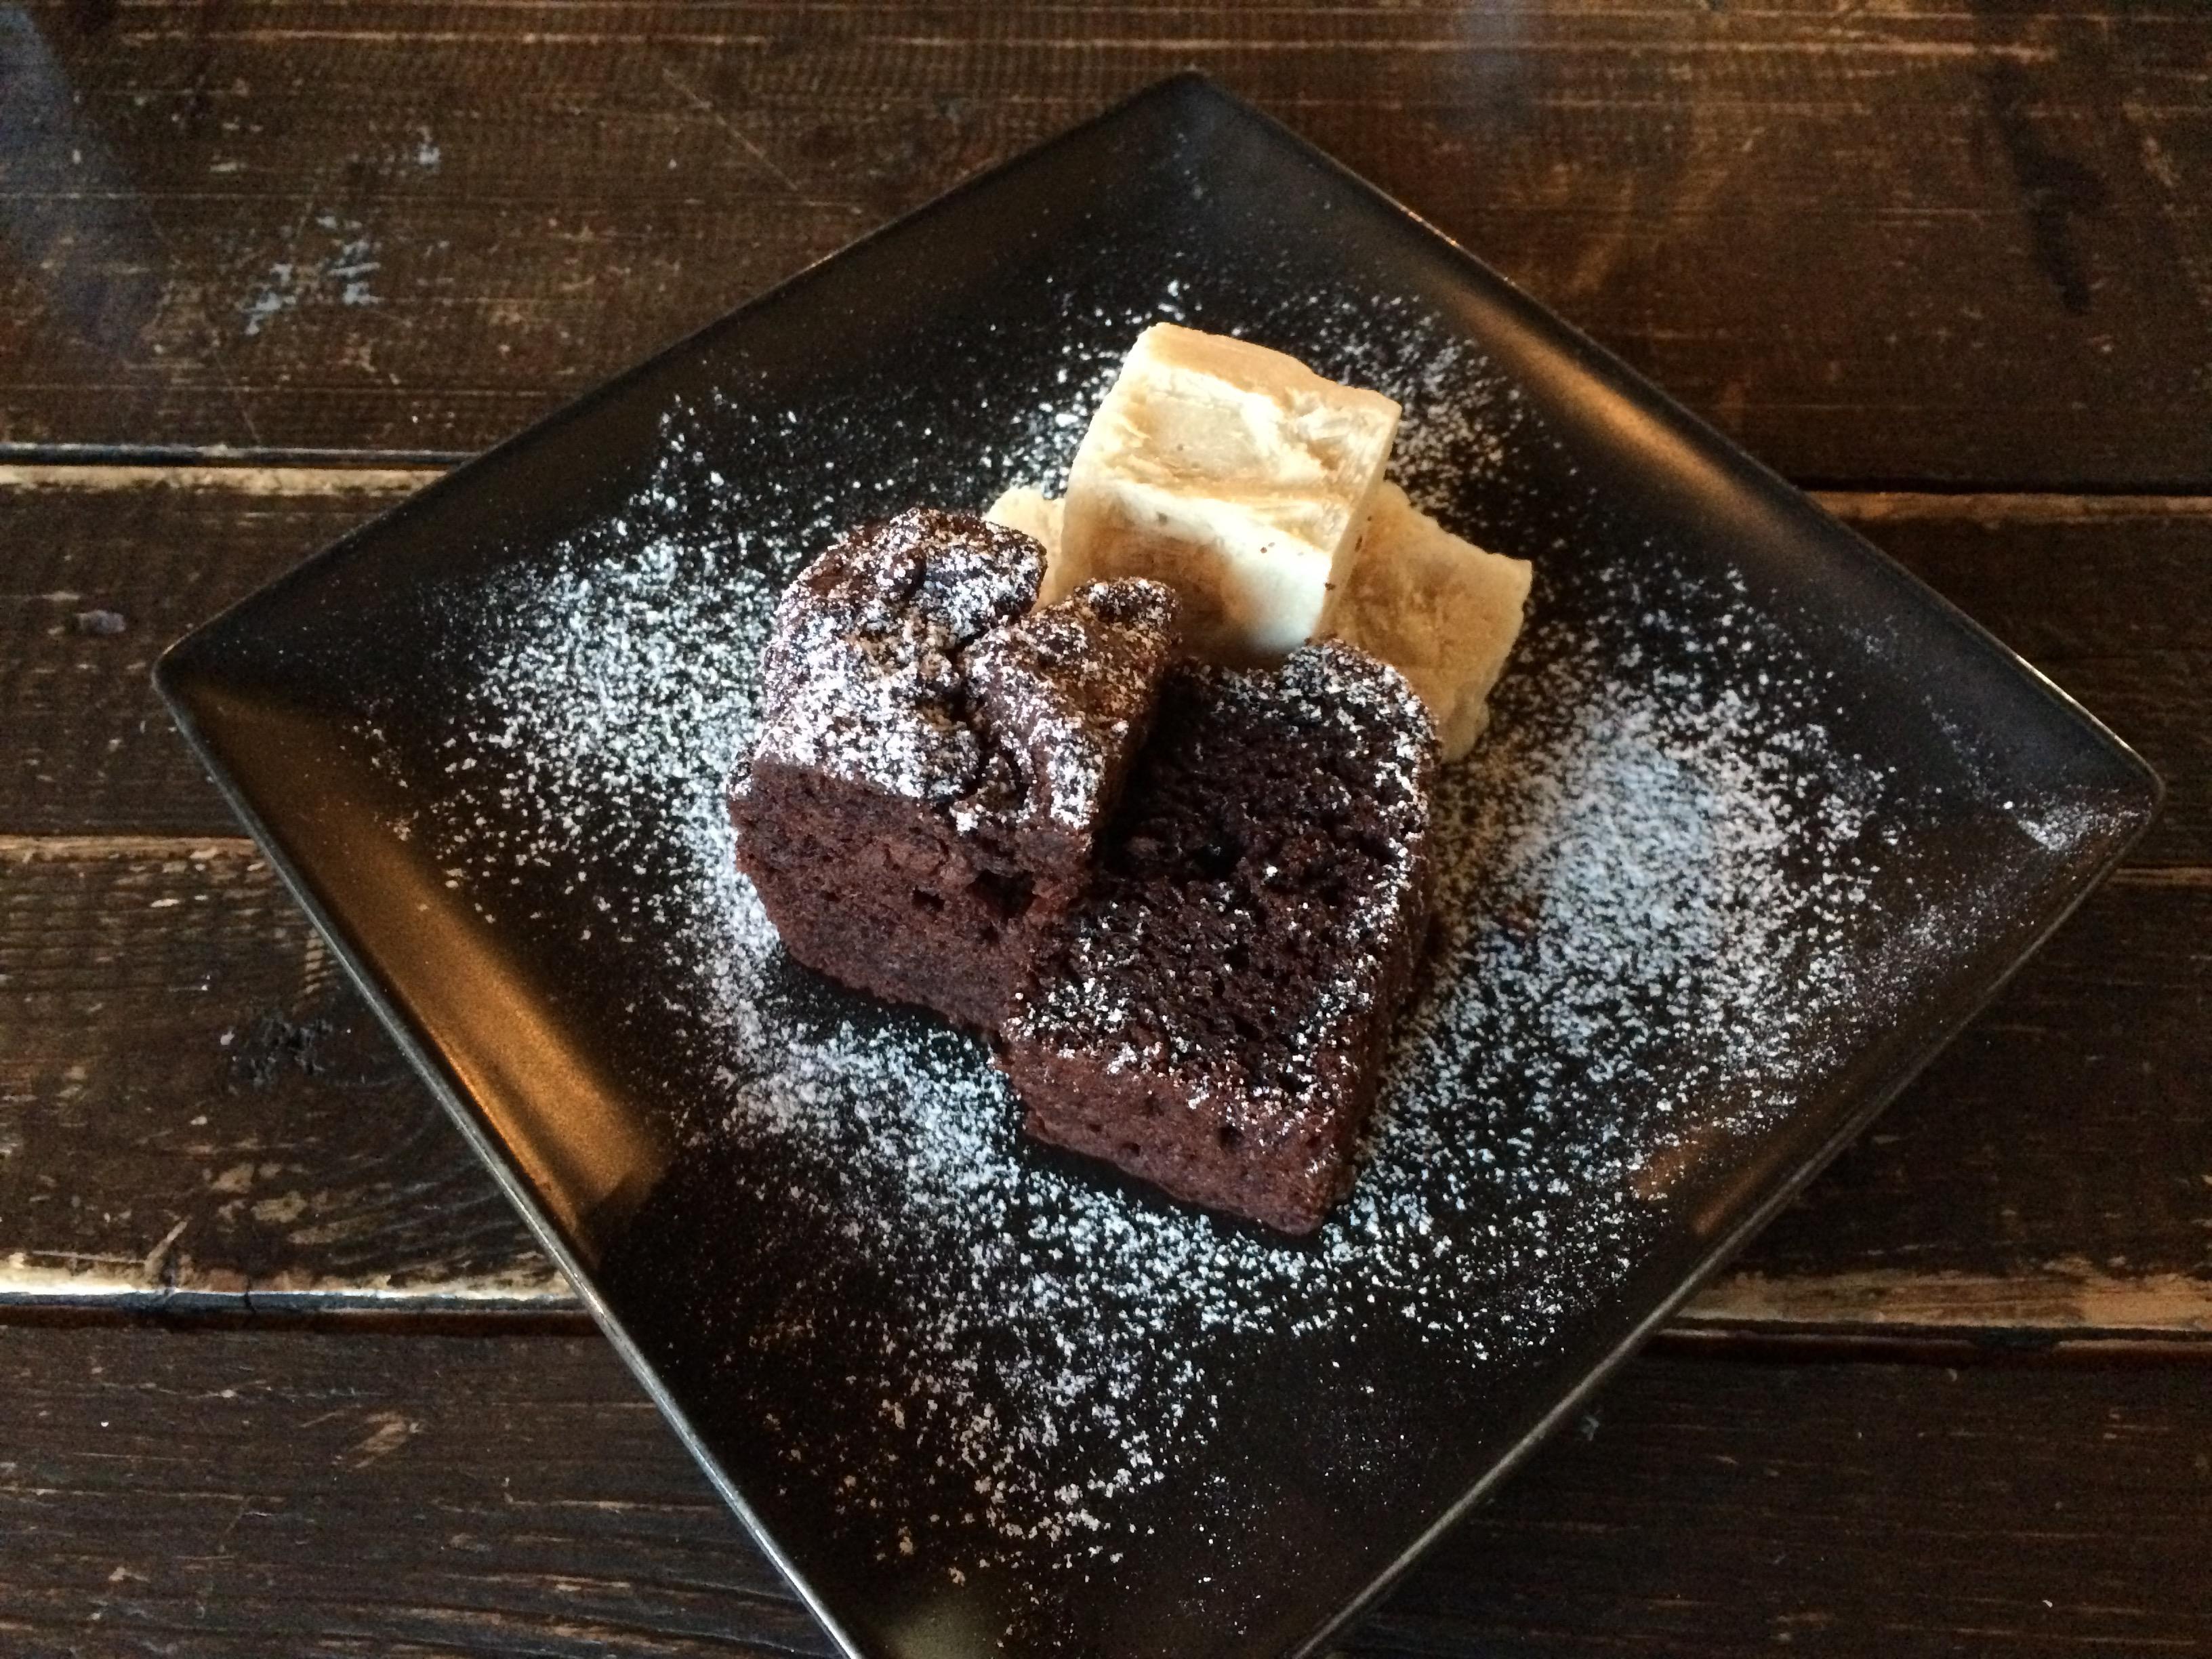 cropココアと豆富のケーキ